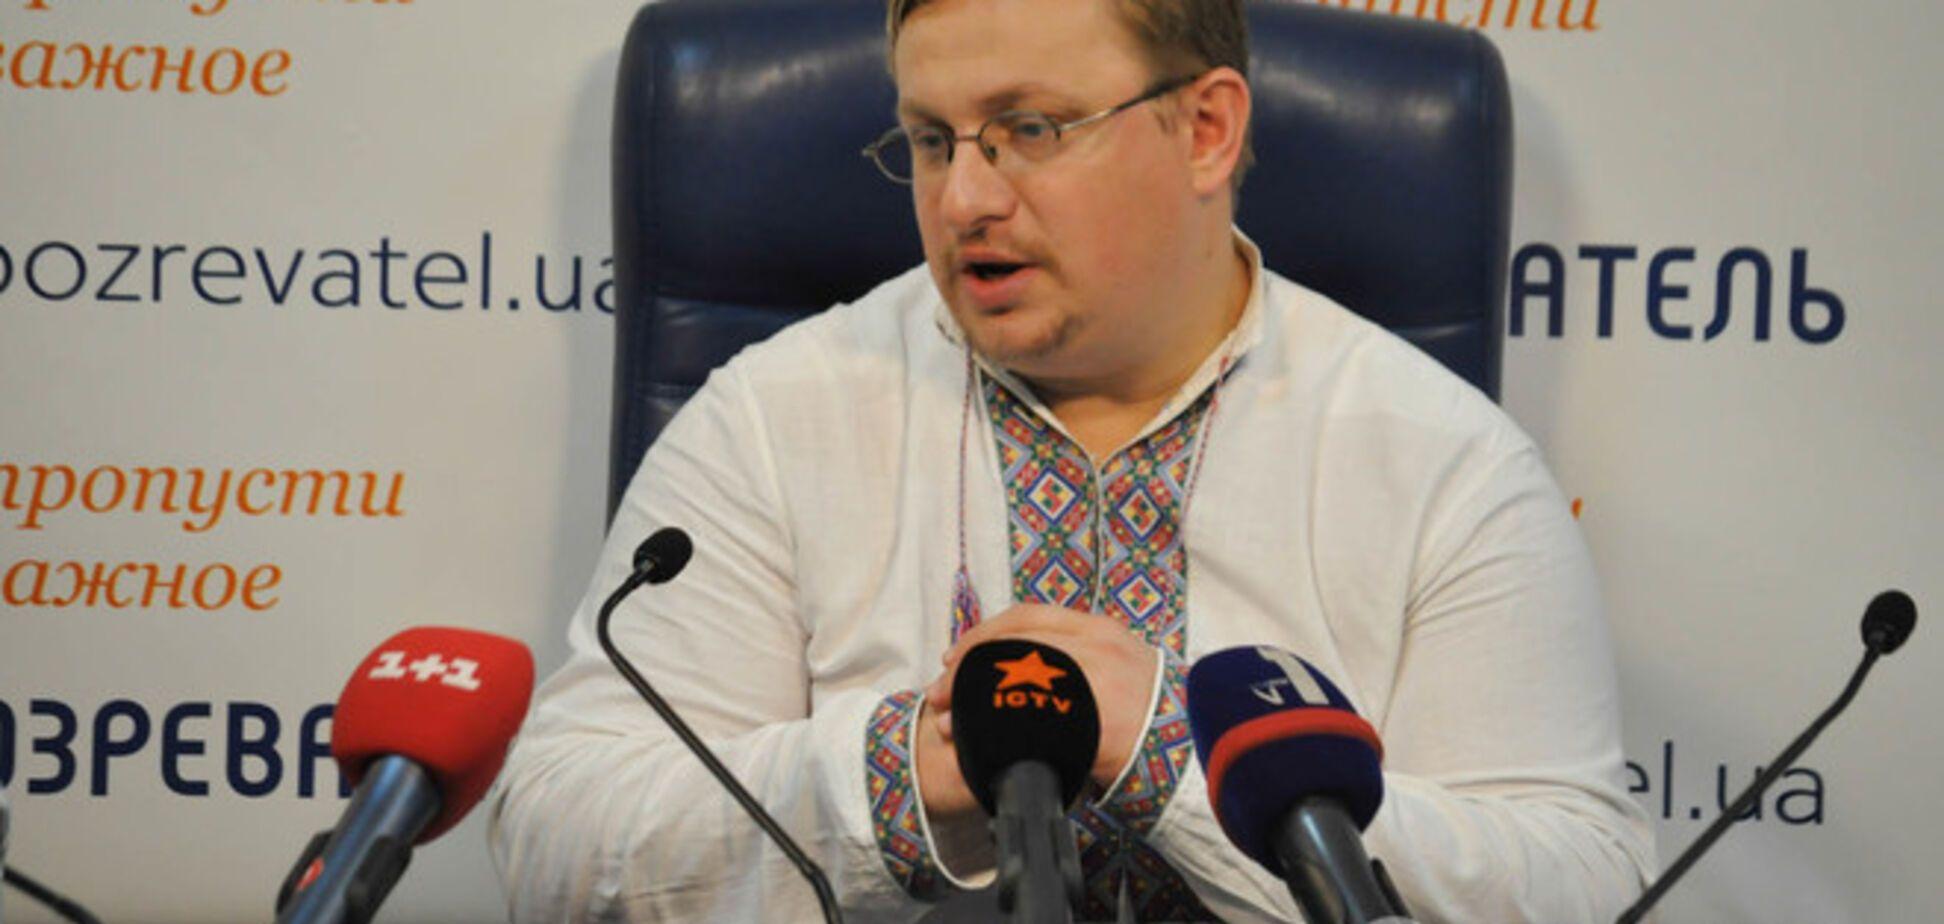 Вооруженной крымской 'самообороне' выдали 'бумажки' вместо удостоверений - крымчанин